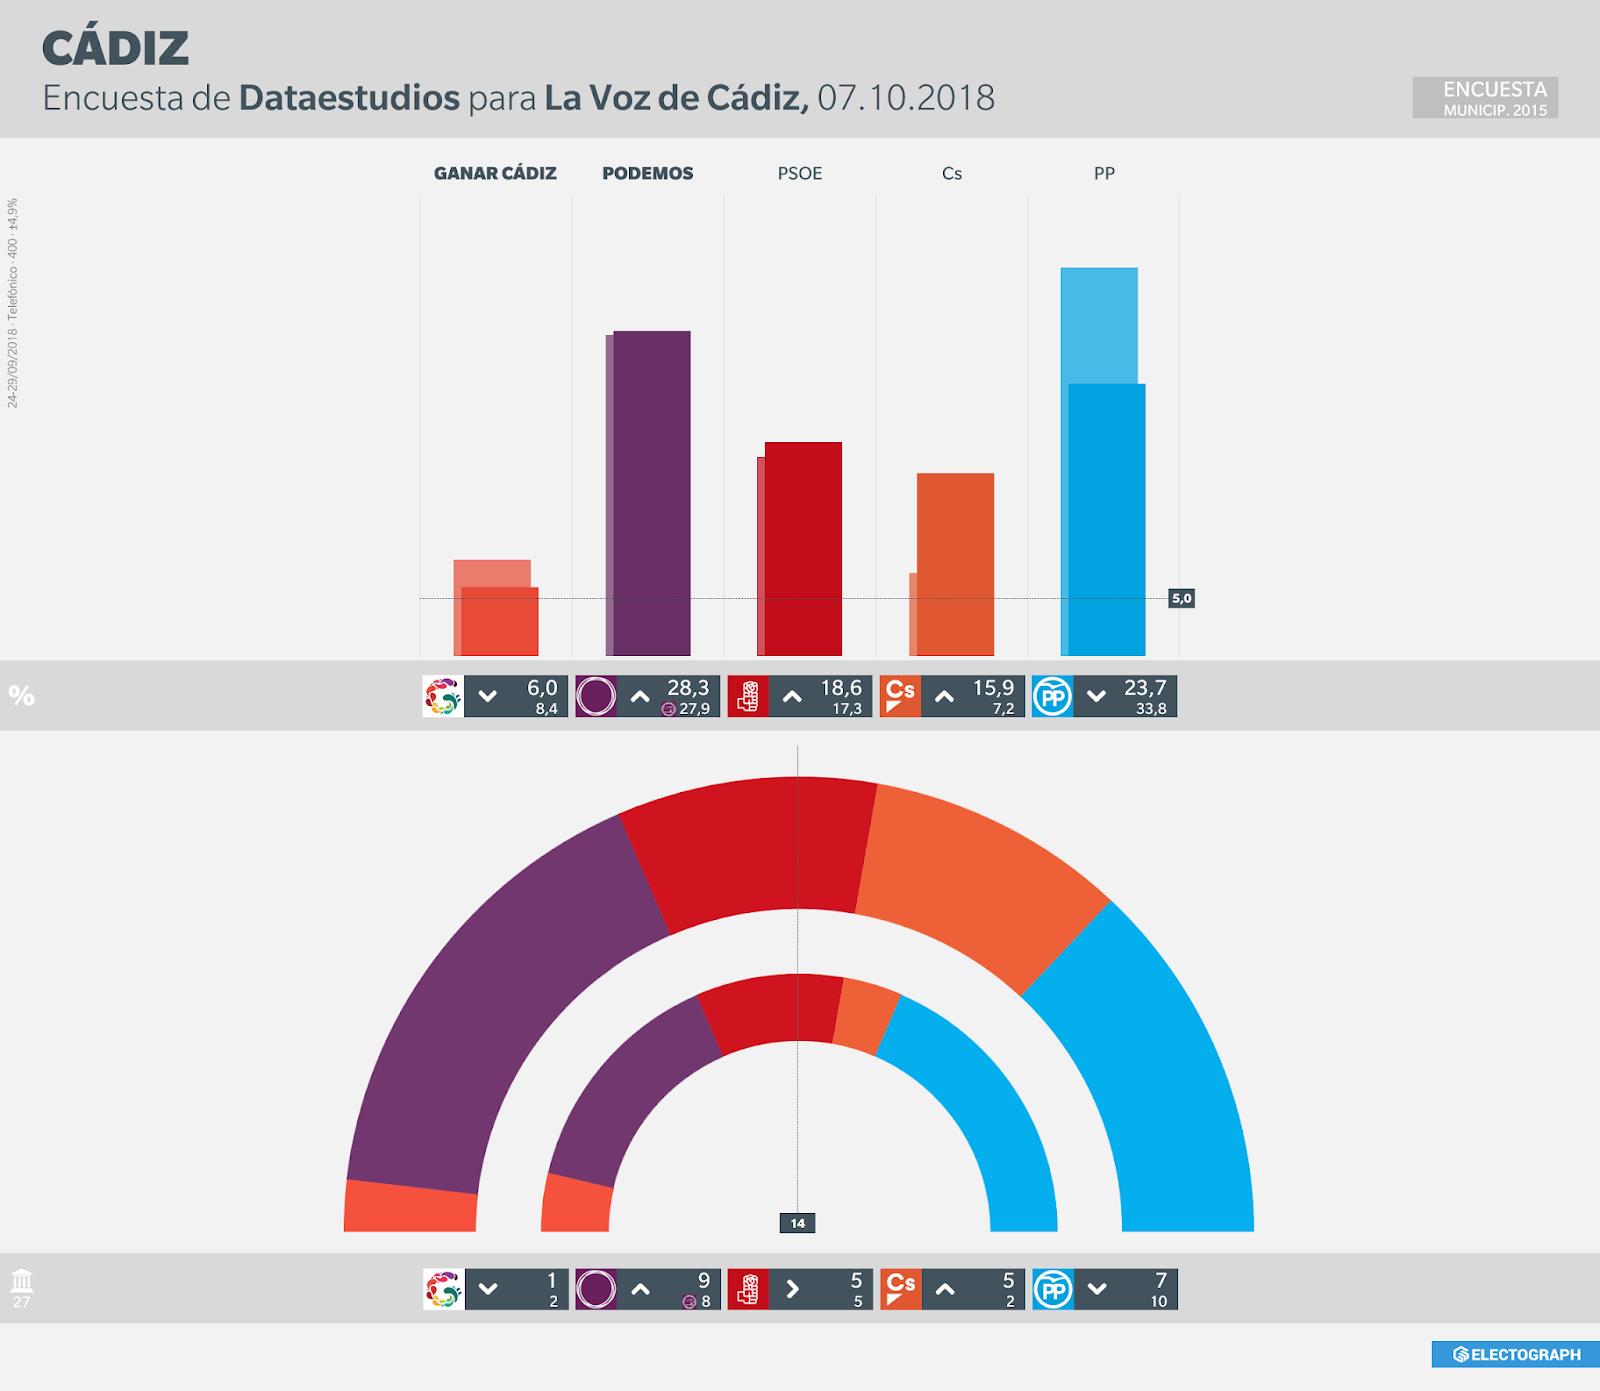 Gráfico de la encuesta para elecciones municipales en Cádiz realizada por Dataestudios para La Voz de Cádiz en septiembre de 2018